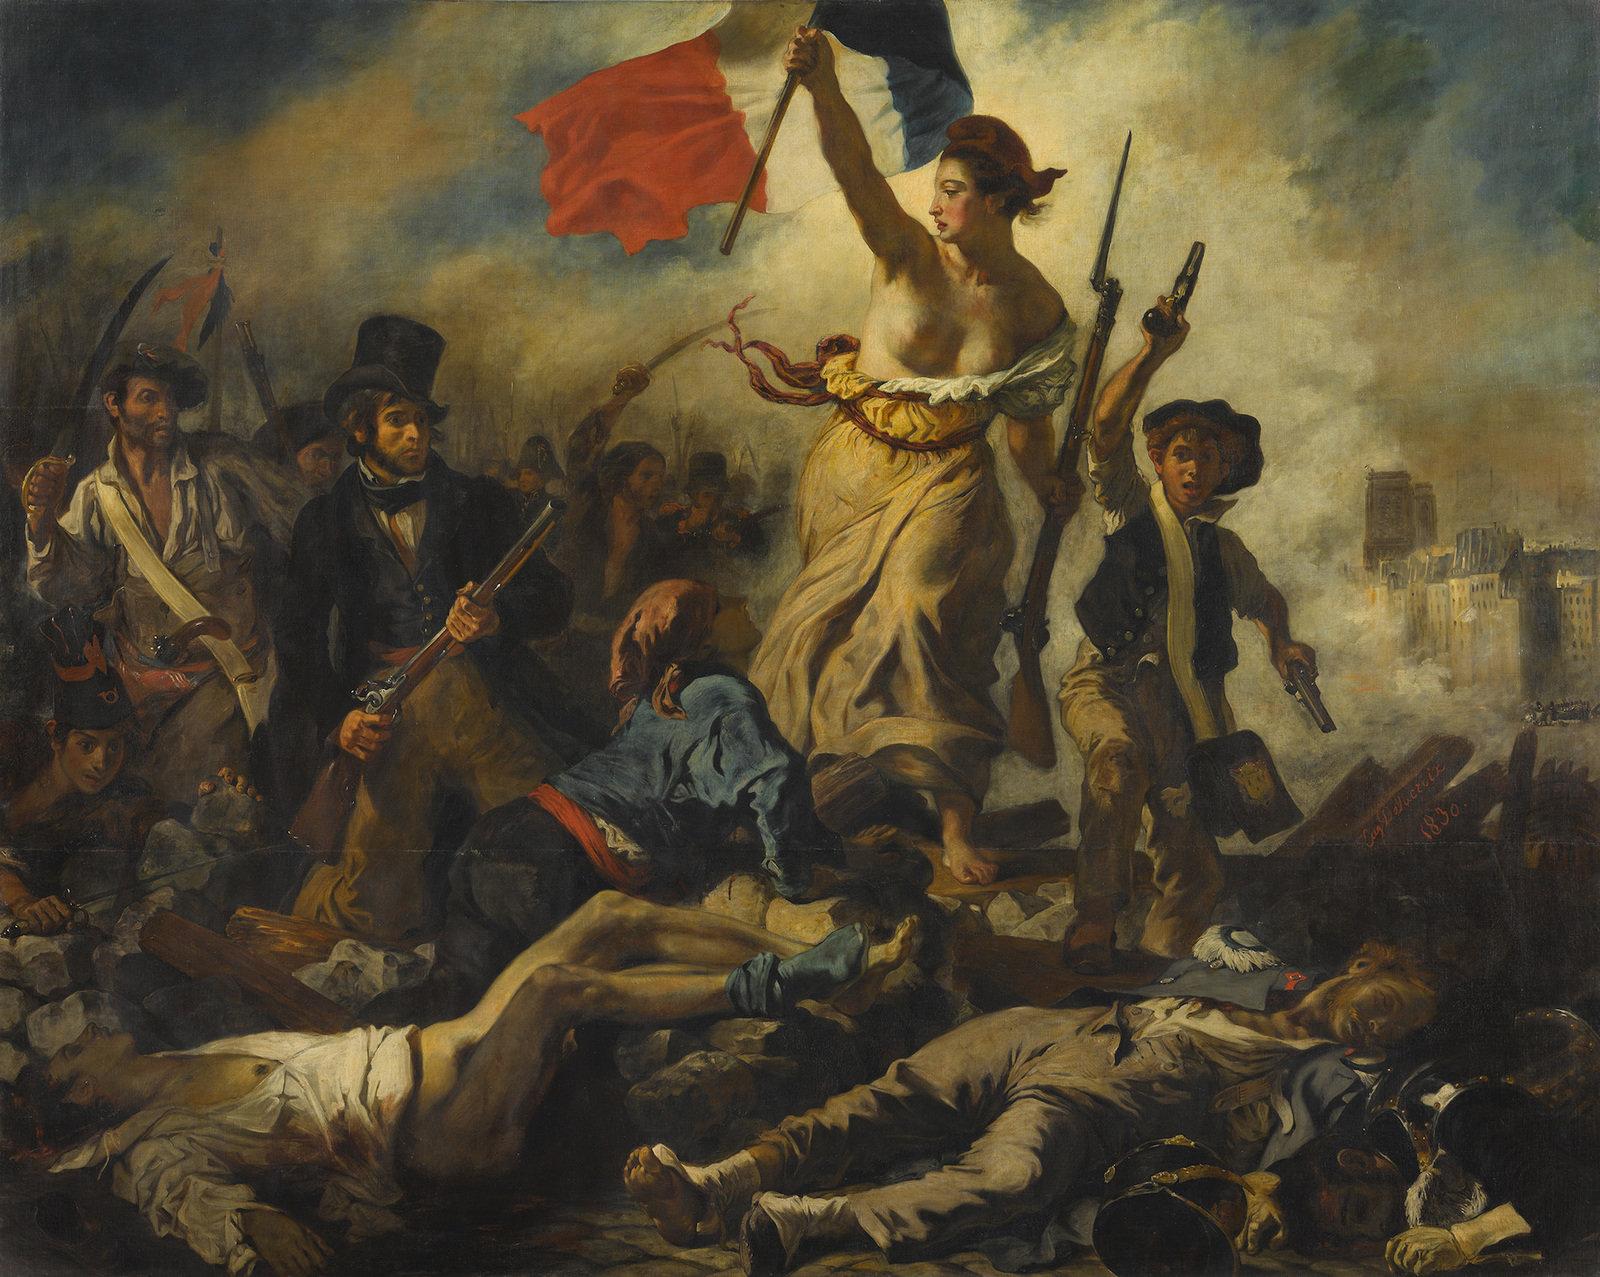 La Liberté guidant le peuple, 1830, Eugène Delacroix,  Musée Du Louvre, CC BY-NC-SA